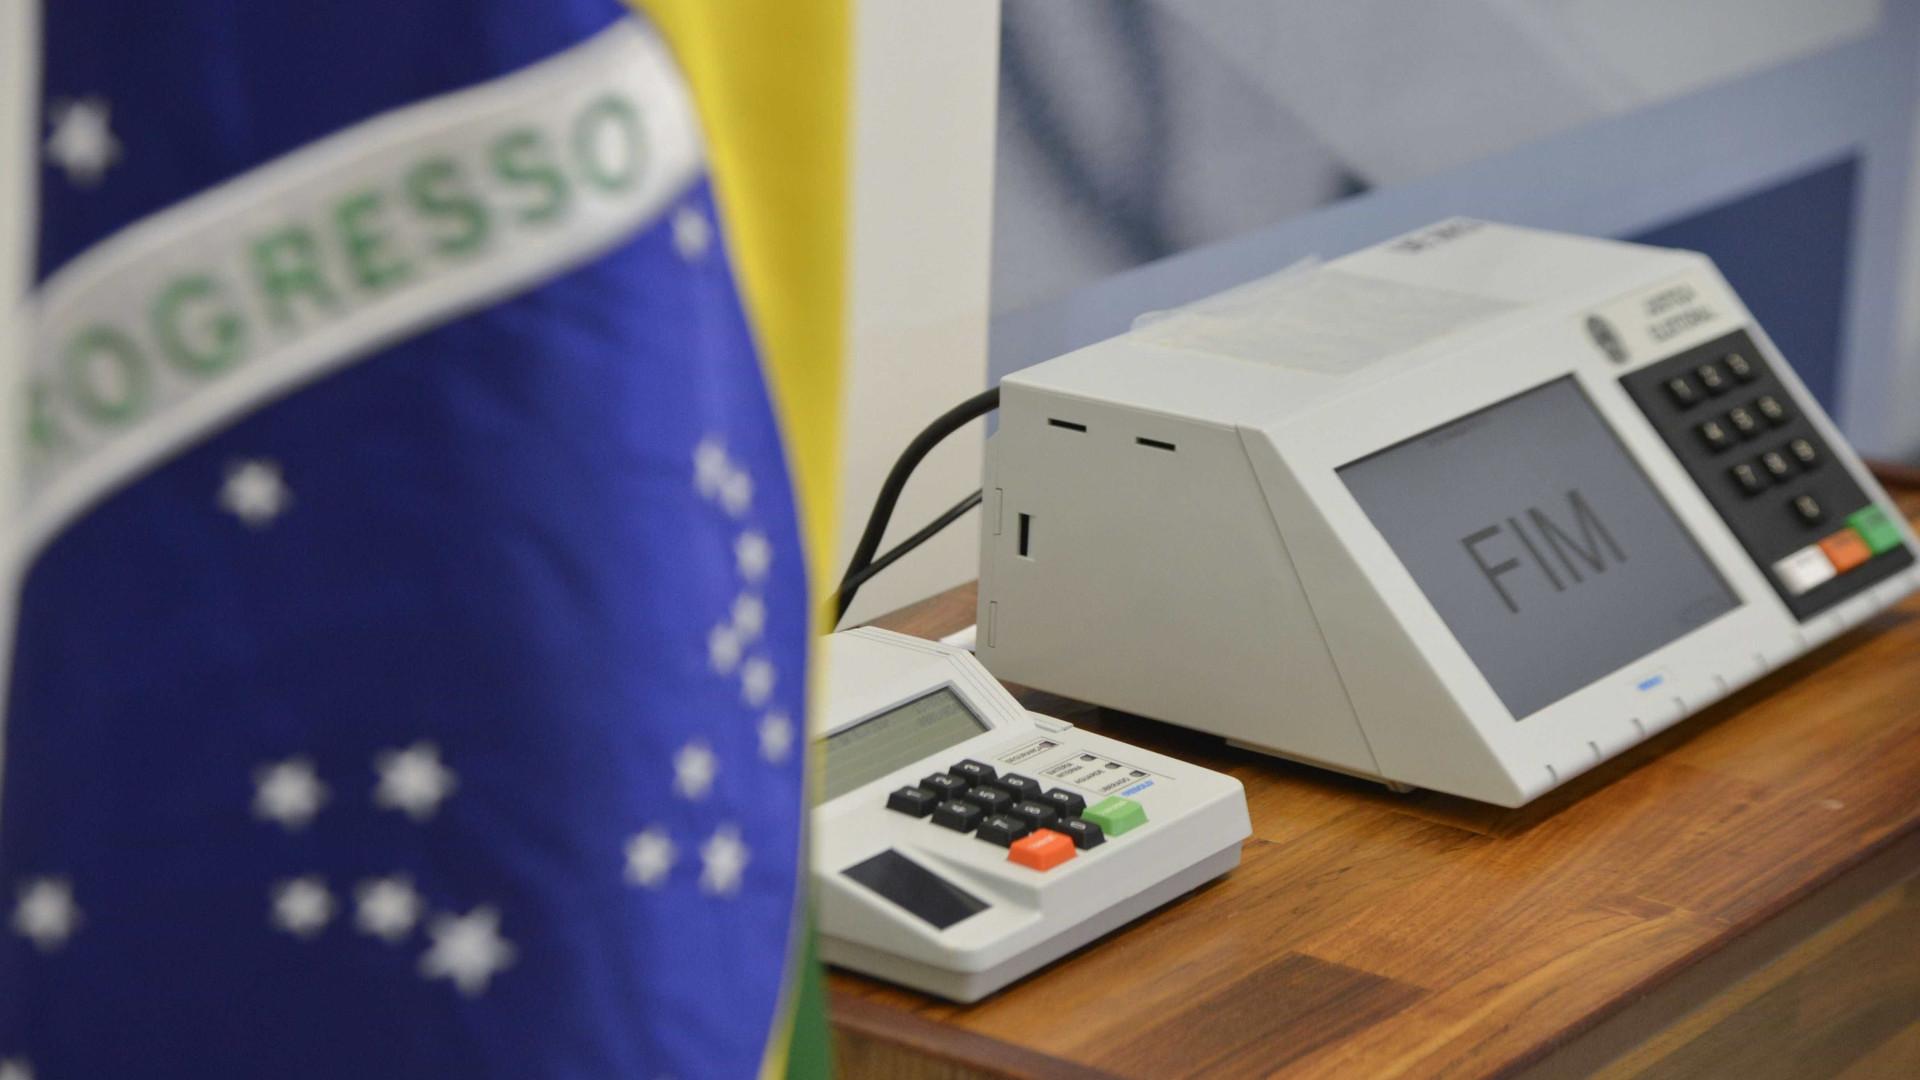 Datafolha: com 58% dos votos válidos, Bolsonaro venceria Haddad